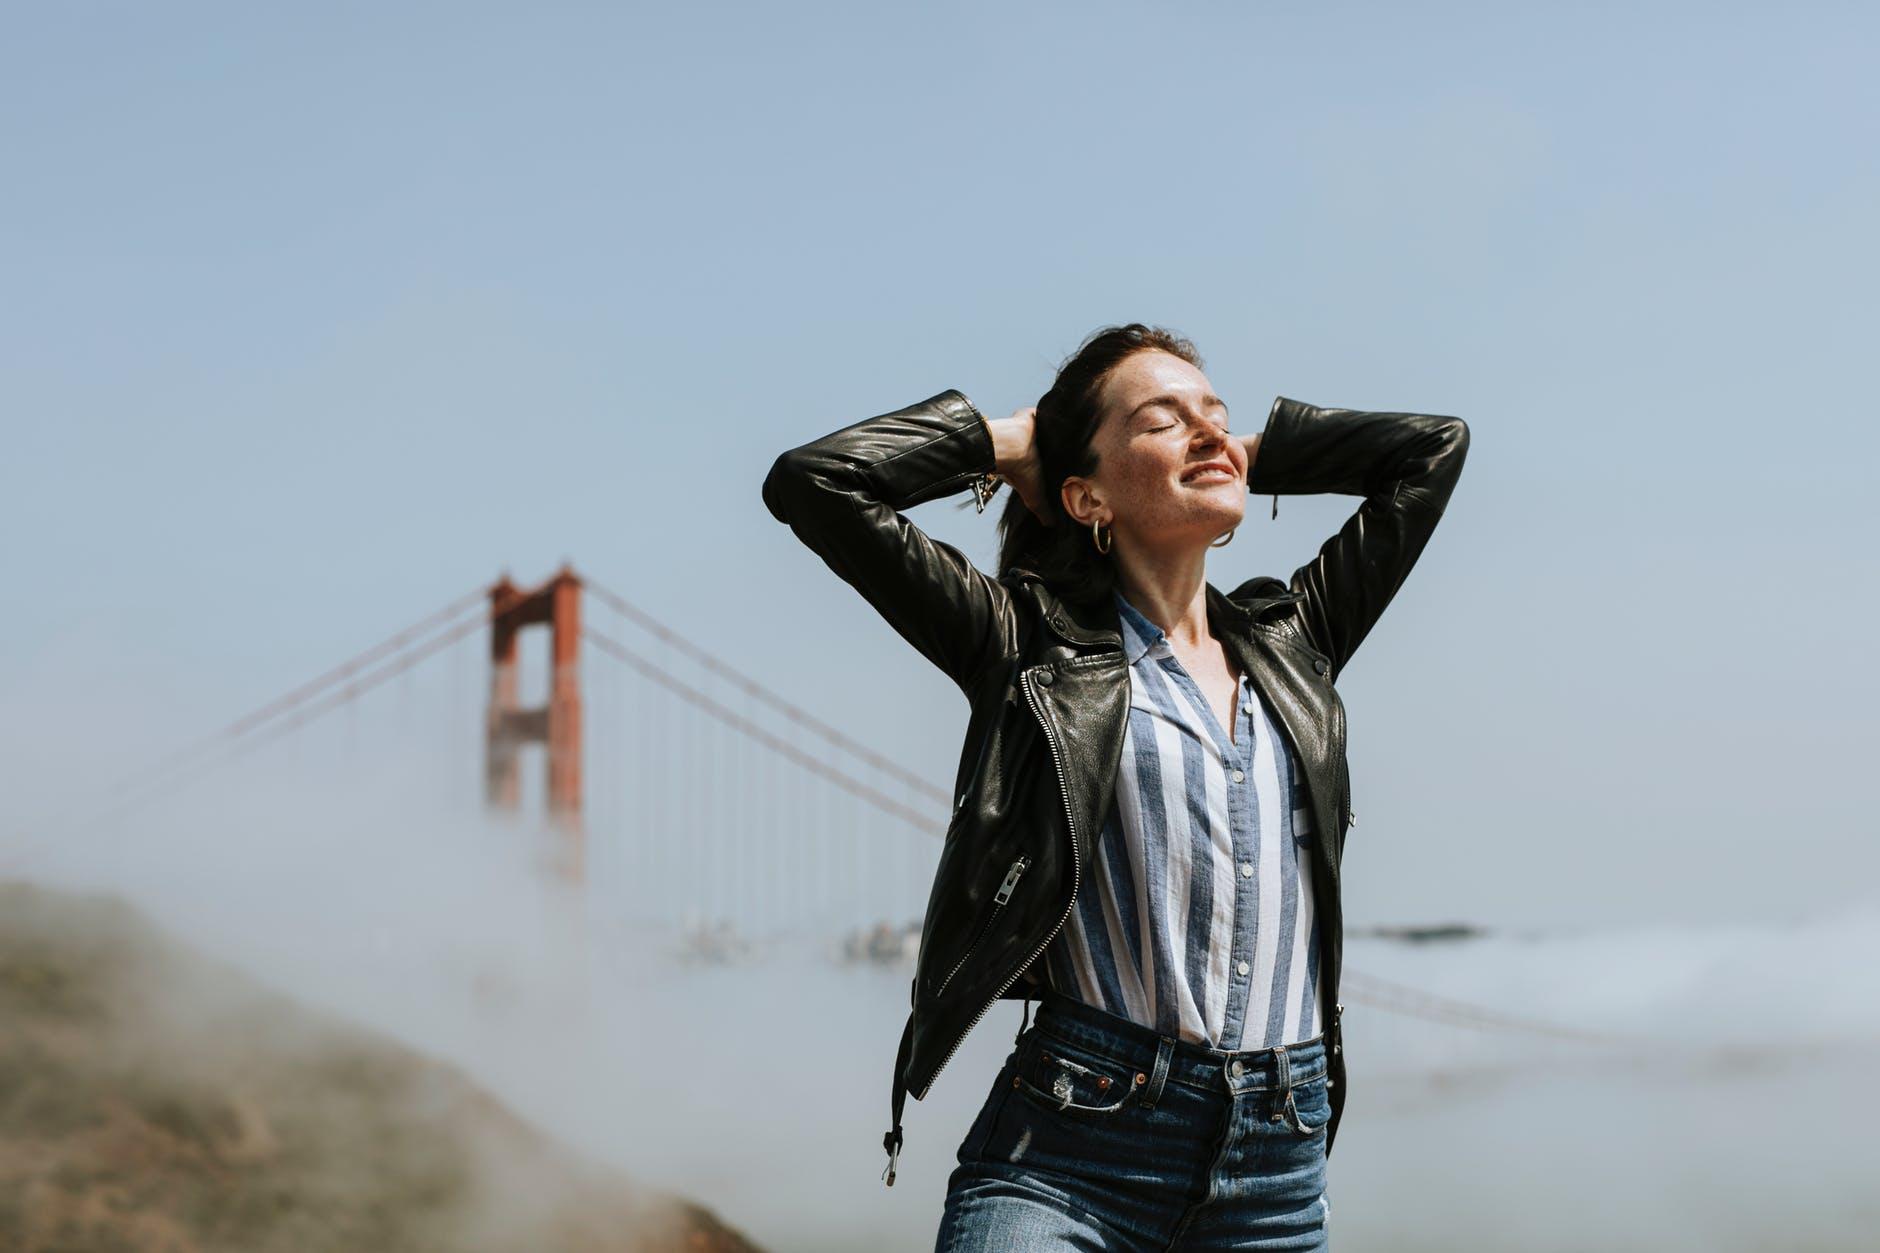 Comment fêter d'une manière originale ses 18ans, à San Francisco?